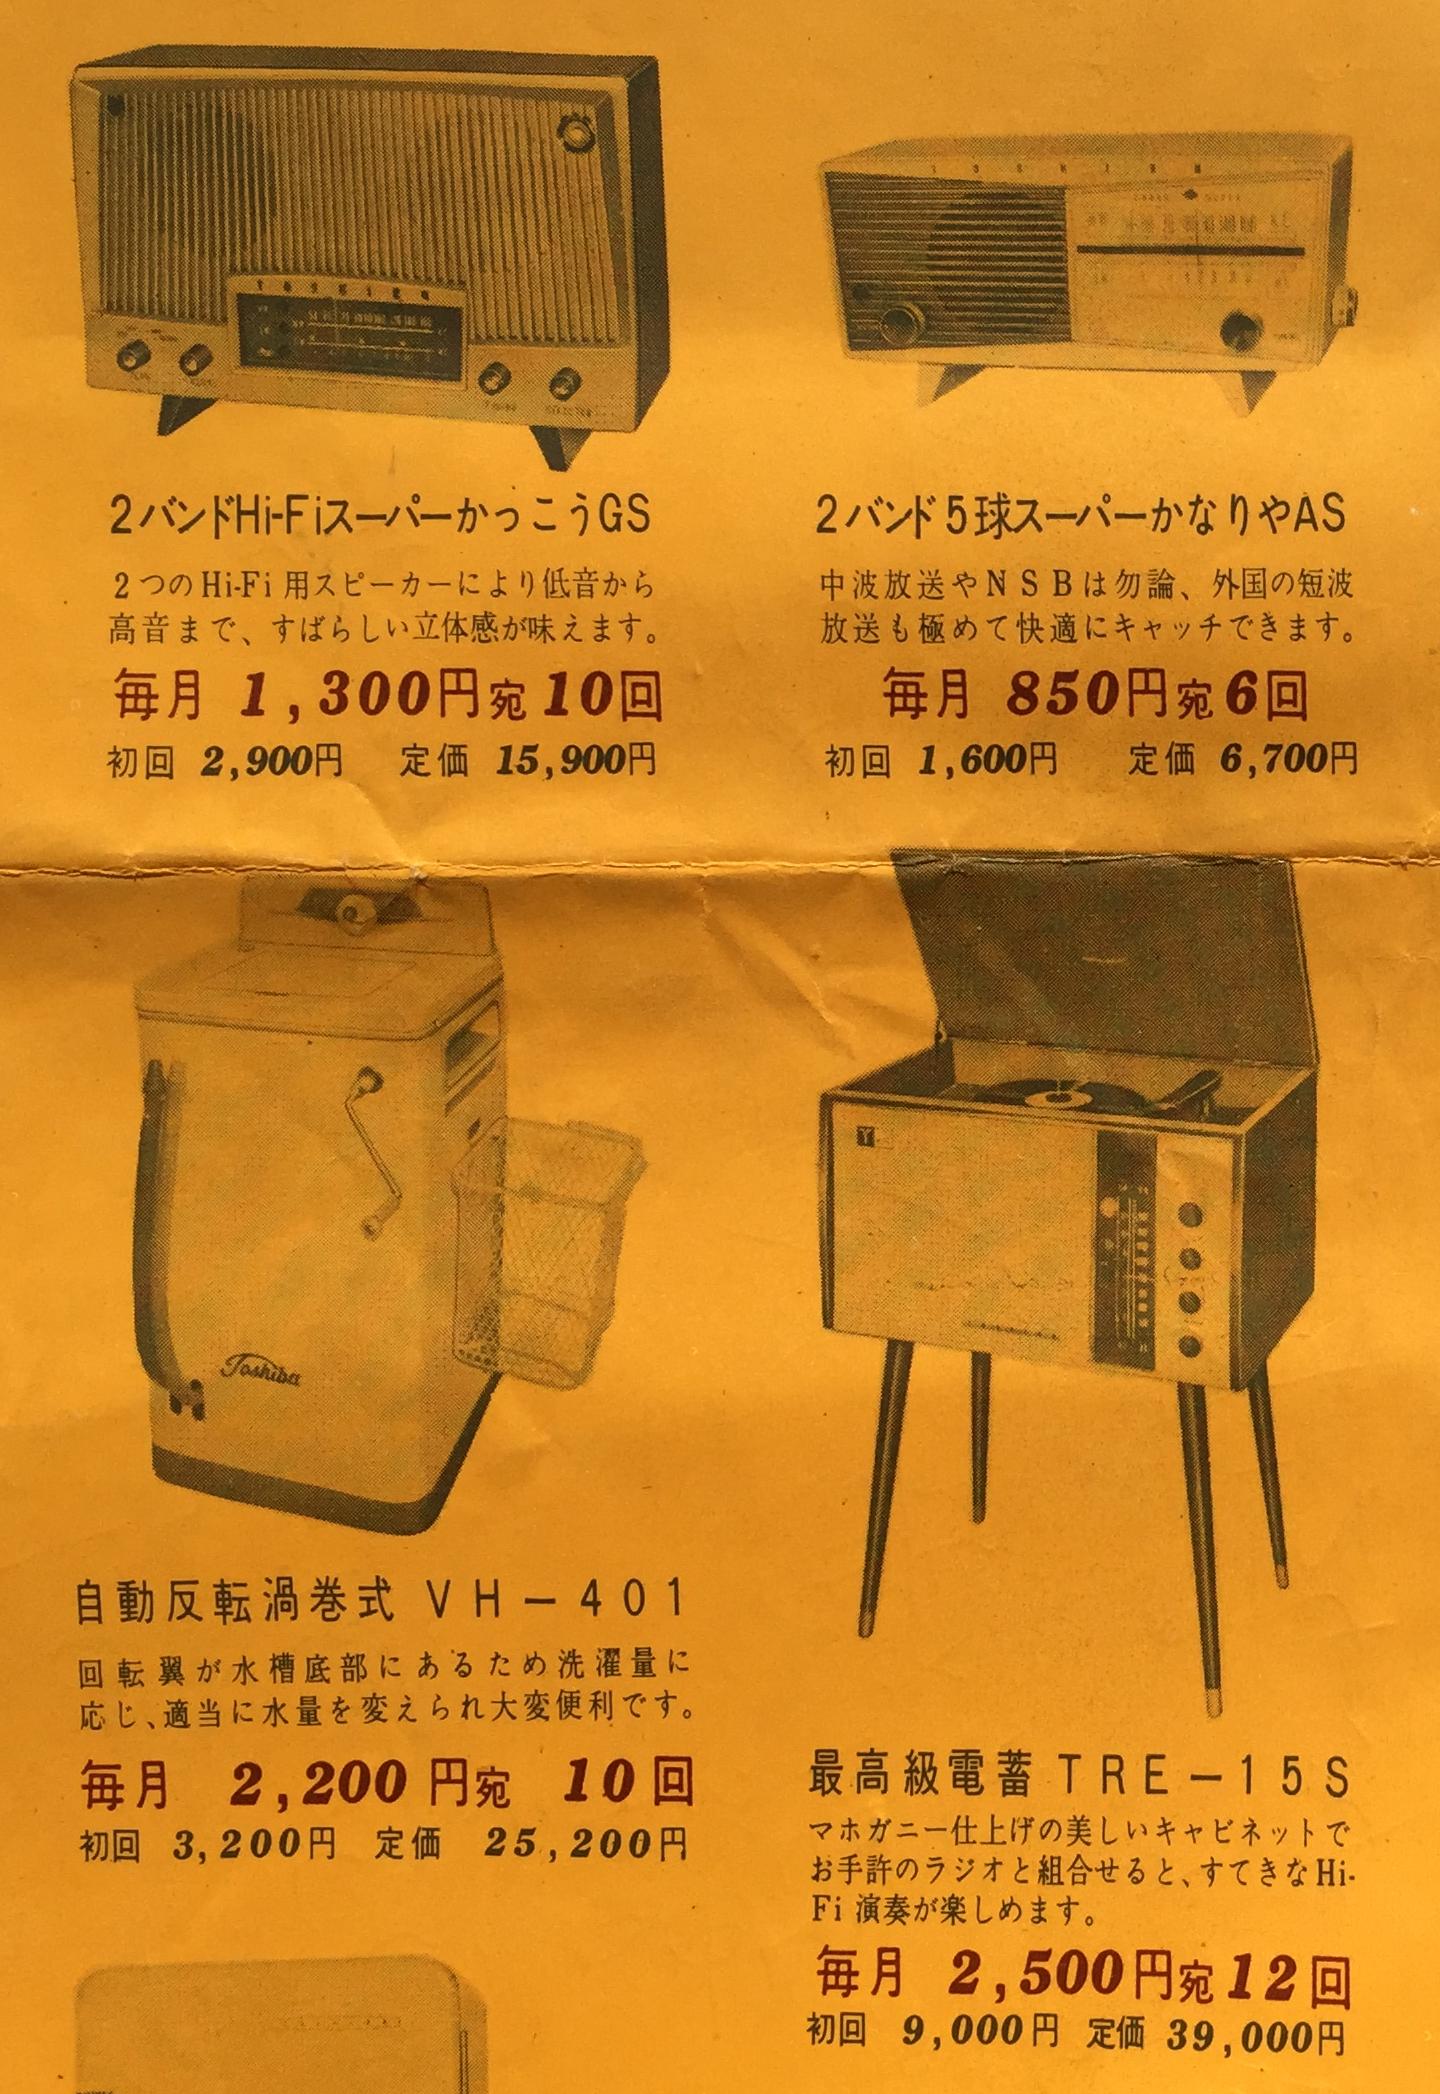 昭和35年頃の東芝製品のチラシ